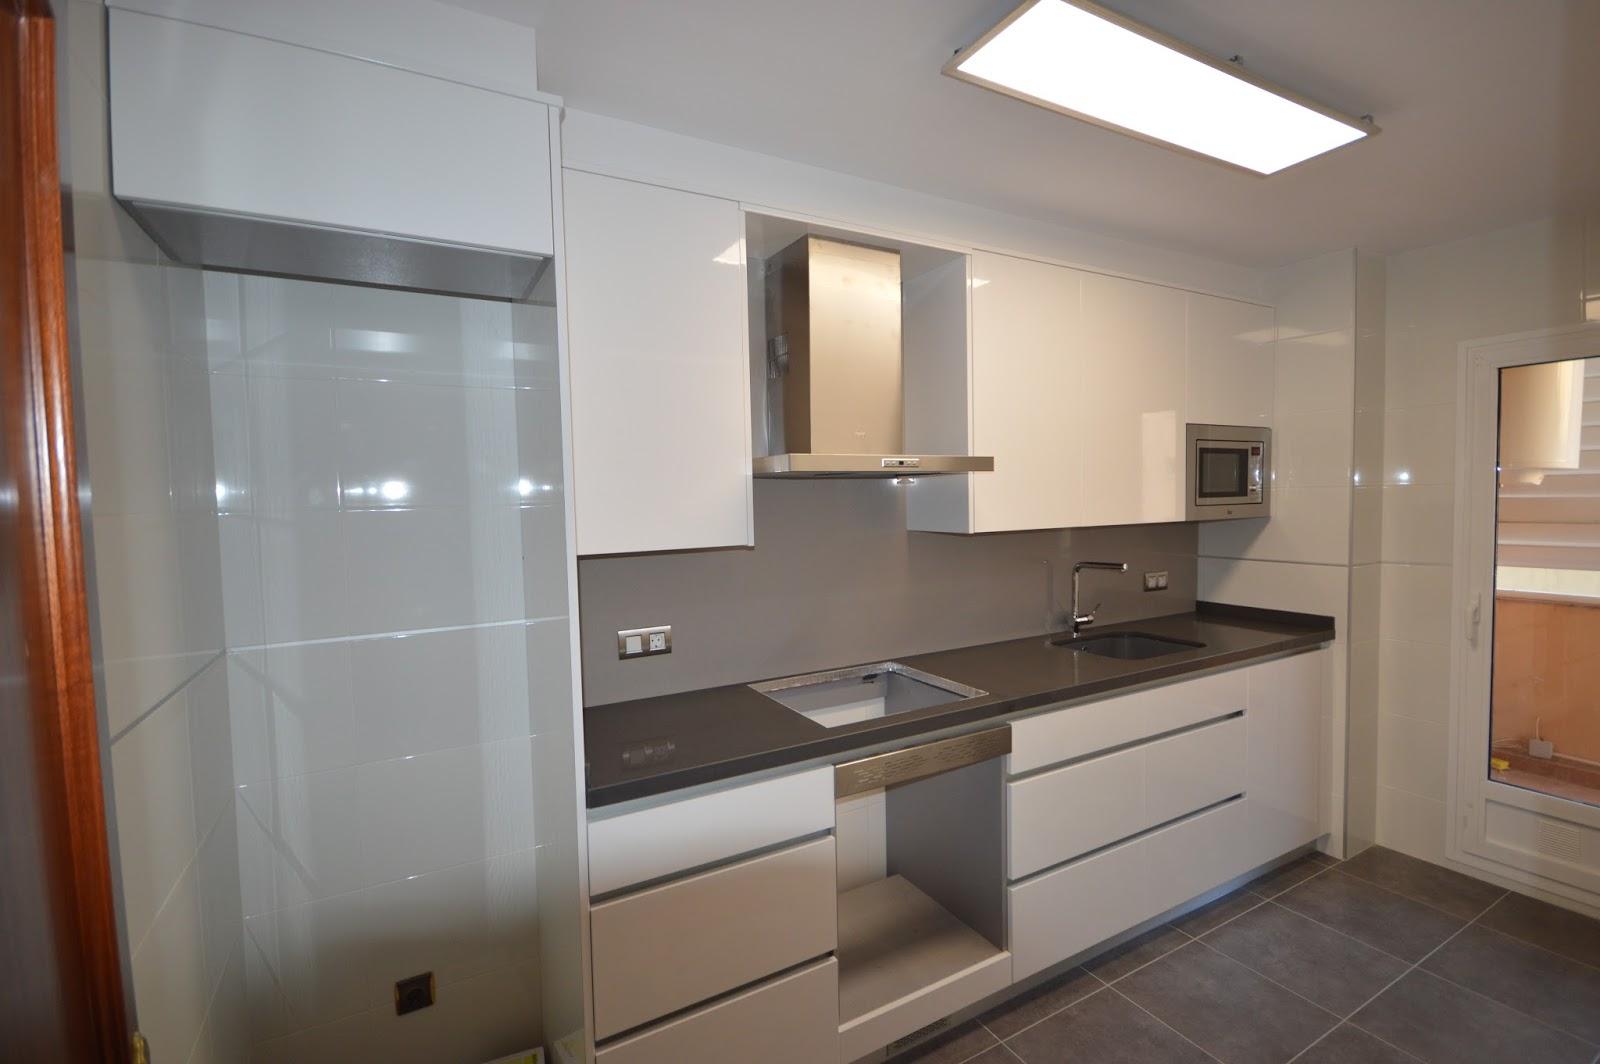 Reuscuina muebles de cocina en blanco brillo sin tiradores - Cocina sin tiradores ...